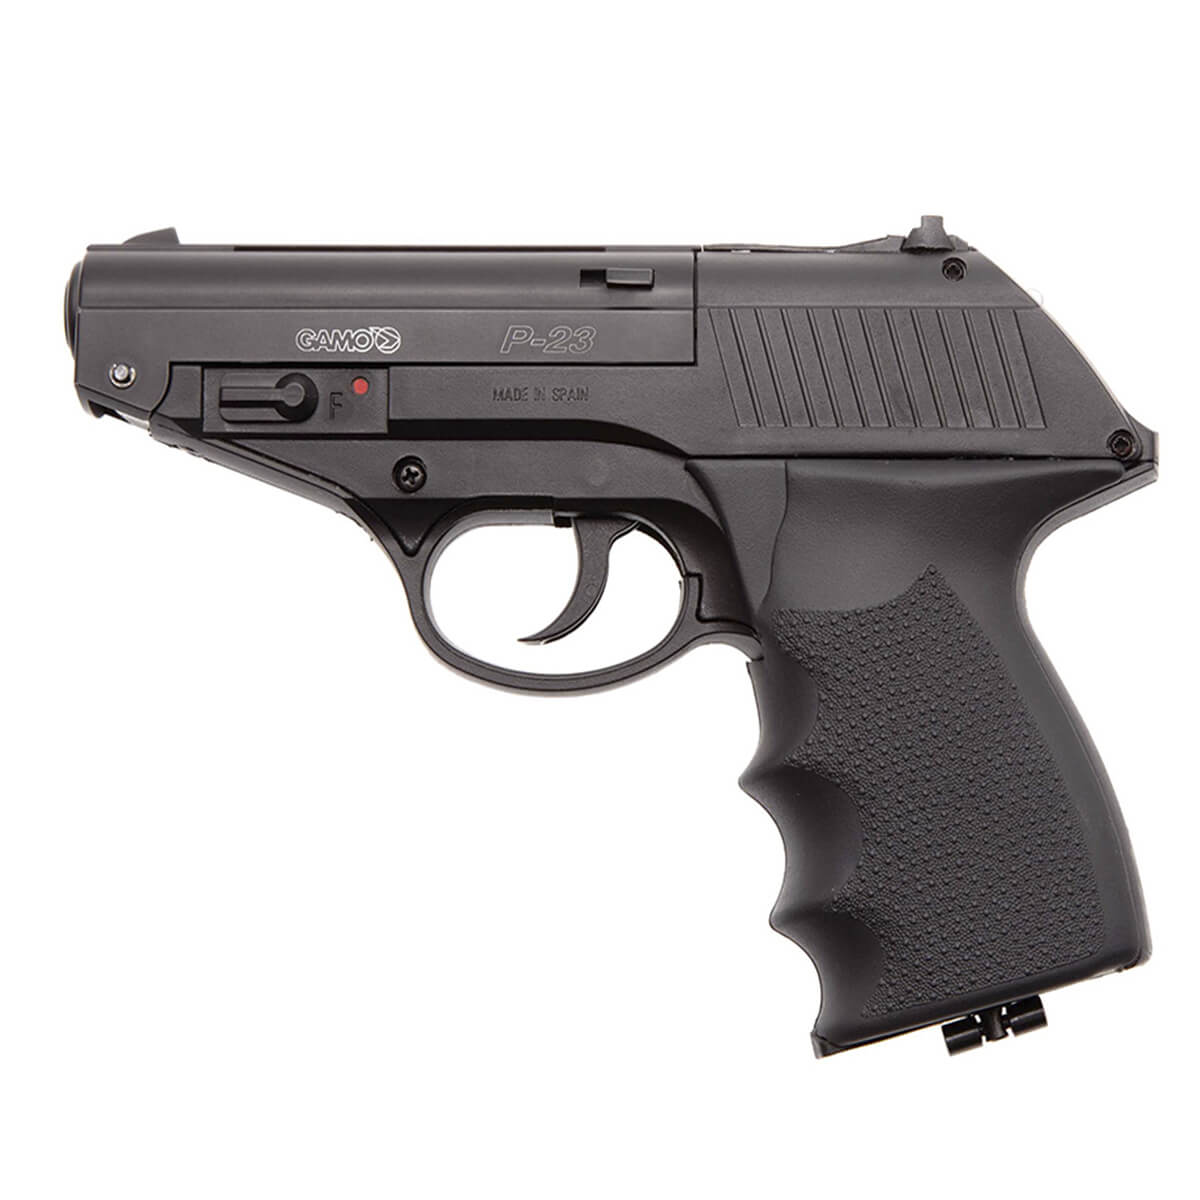 Pistola Pressão Gamo Co2 P-23 4,5mm Chumbinho e Esfera de Aço